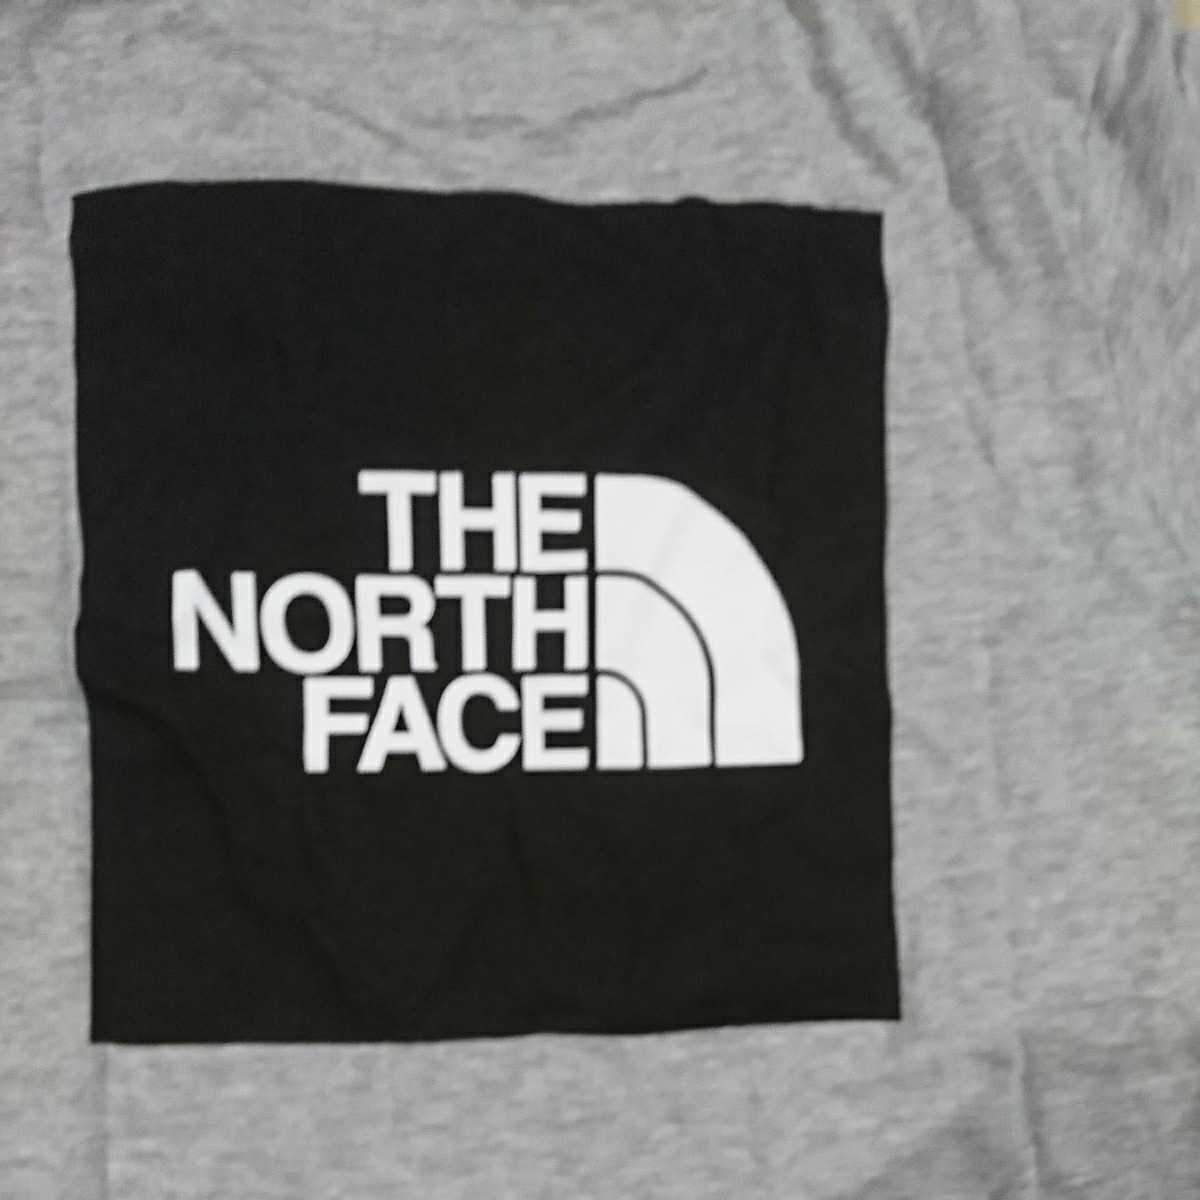 THE NORTH FACE ザノースフェイス ロゴTシャツ ハーフドーム デカロゴ 子供用 Mサイズ